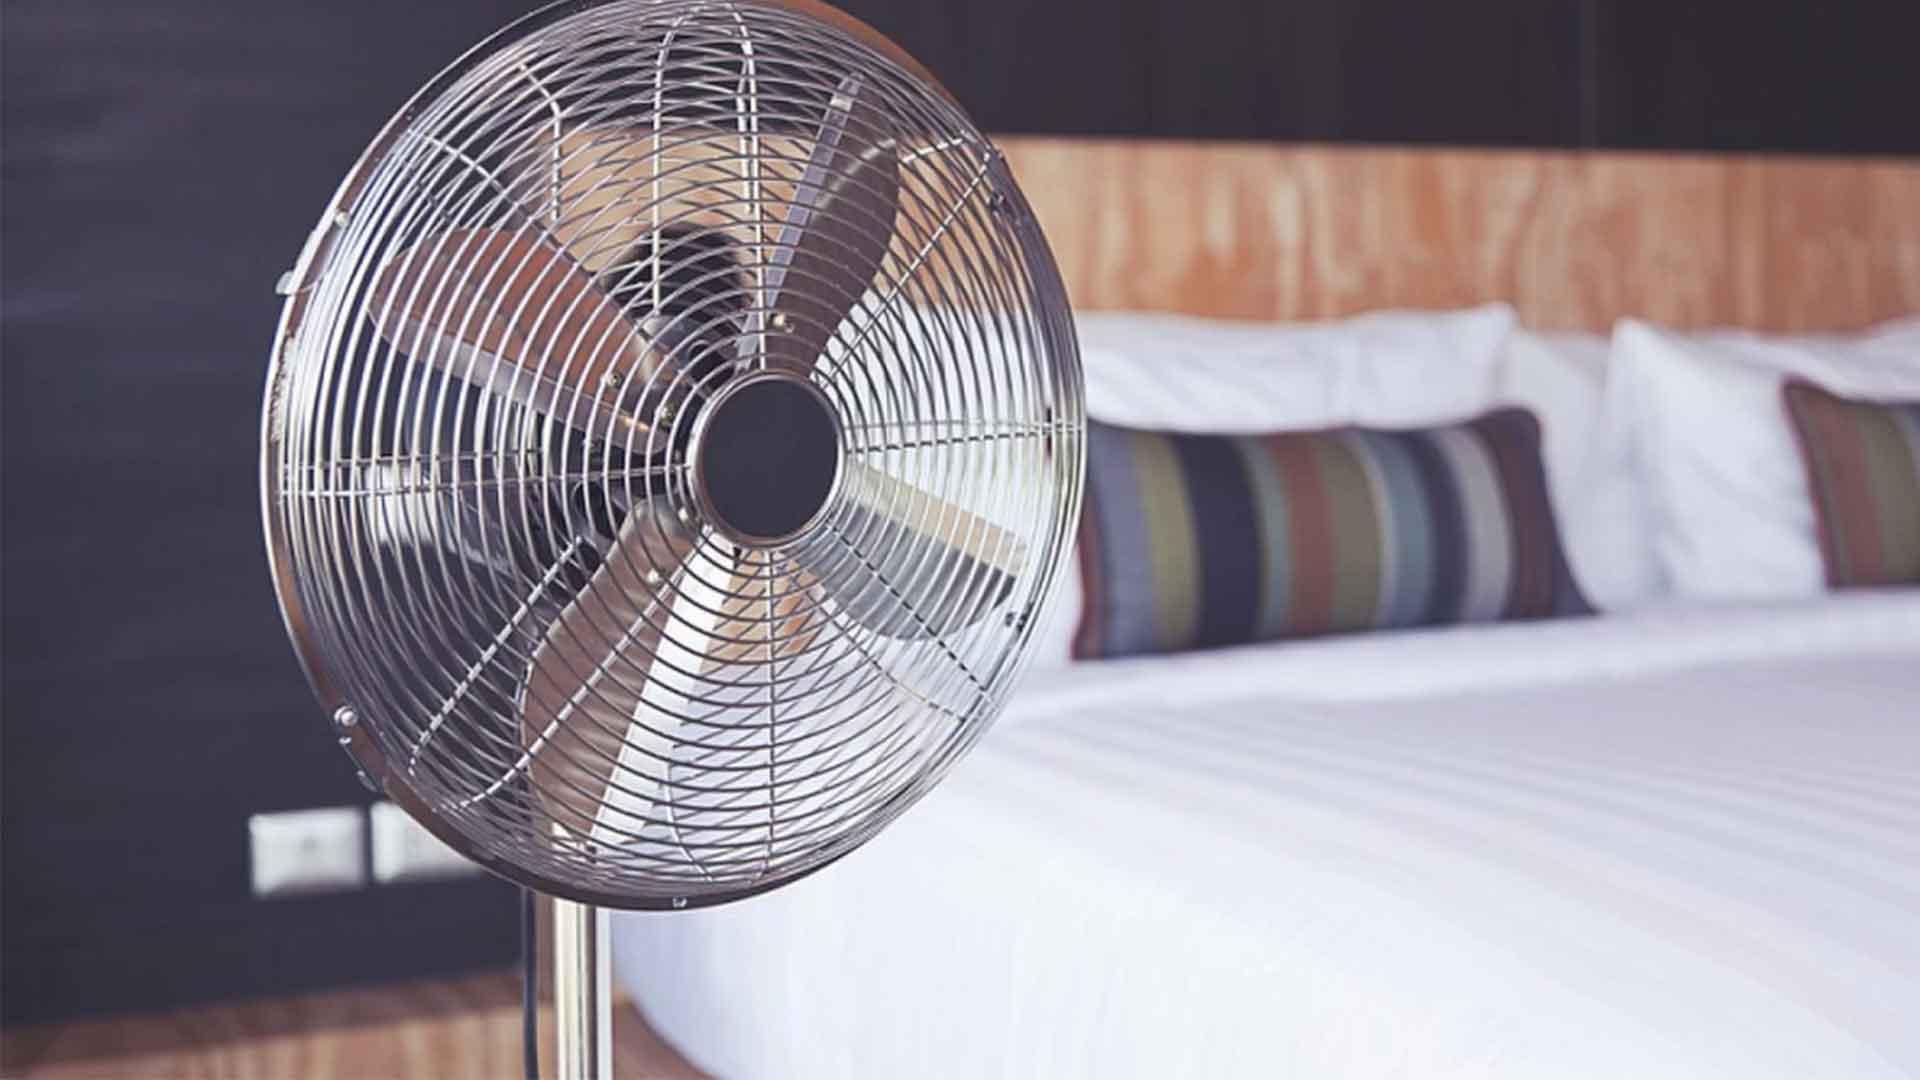 Estar durmiendo con un ventilador encendido ¿Es realmente malo para su salud?